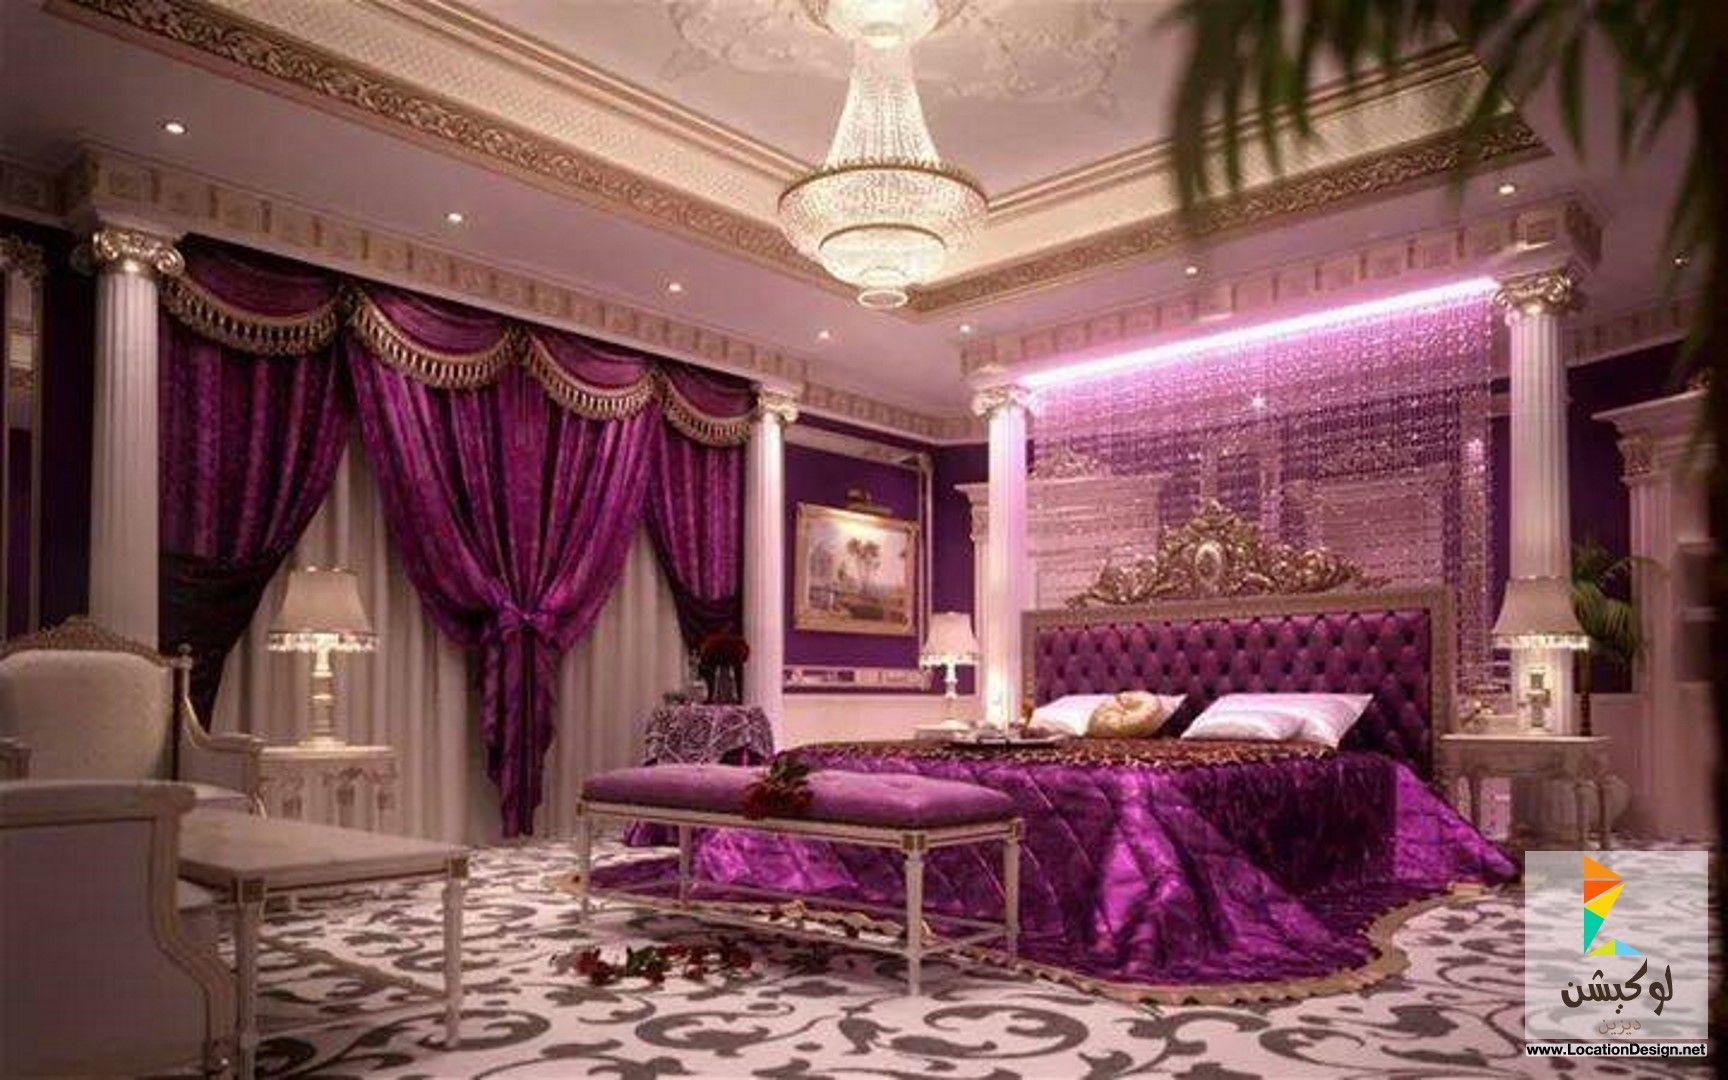 بالصور اجمل غرف نوم , غرف نوم عصريه 5372 4